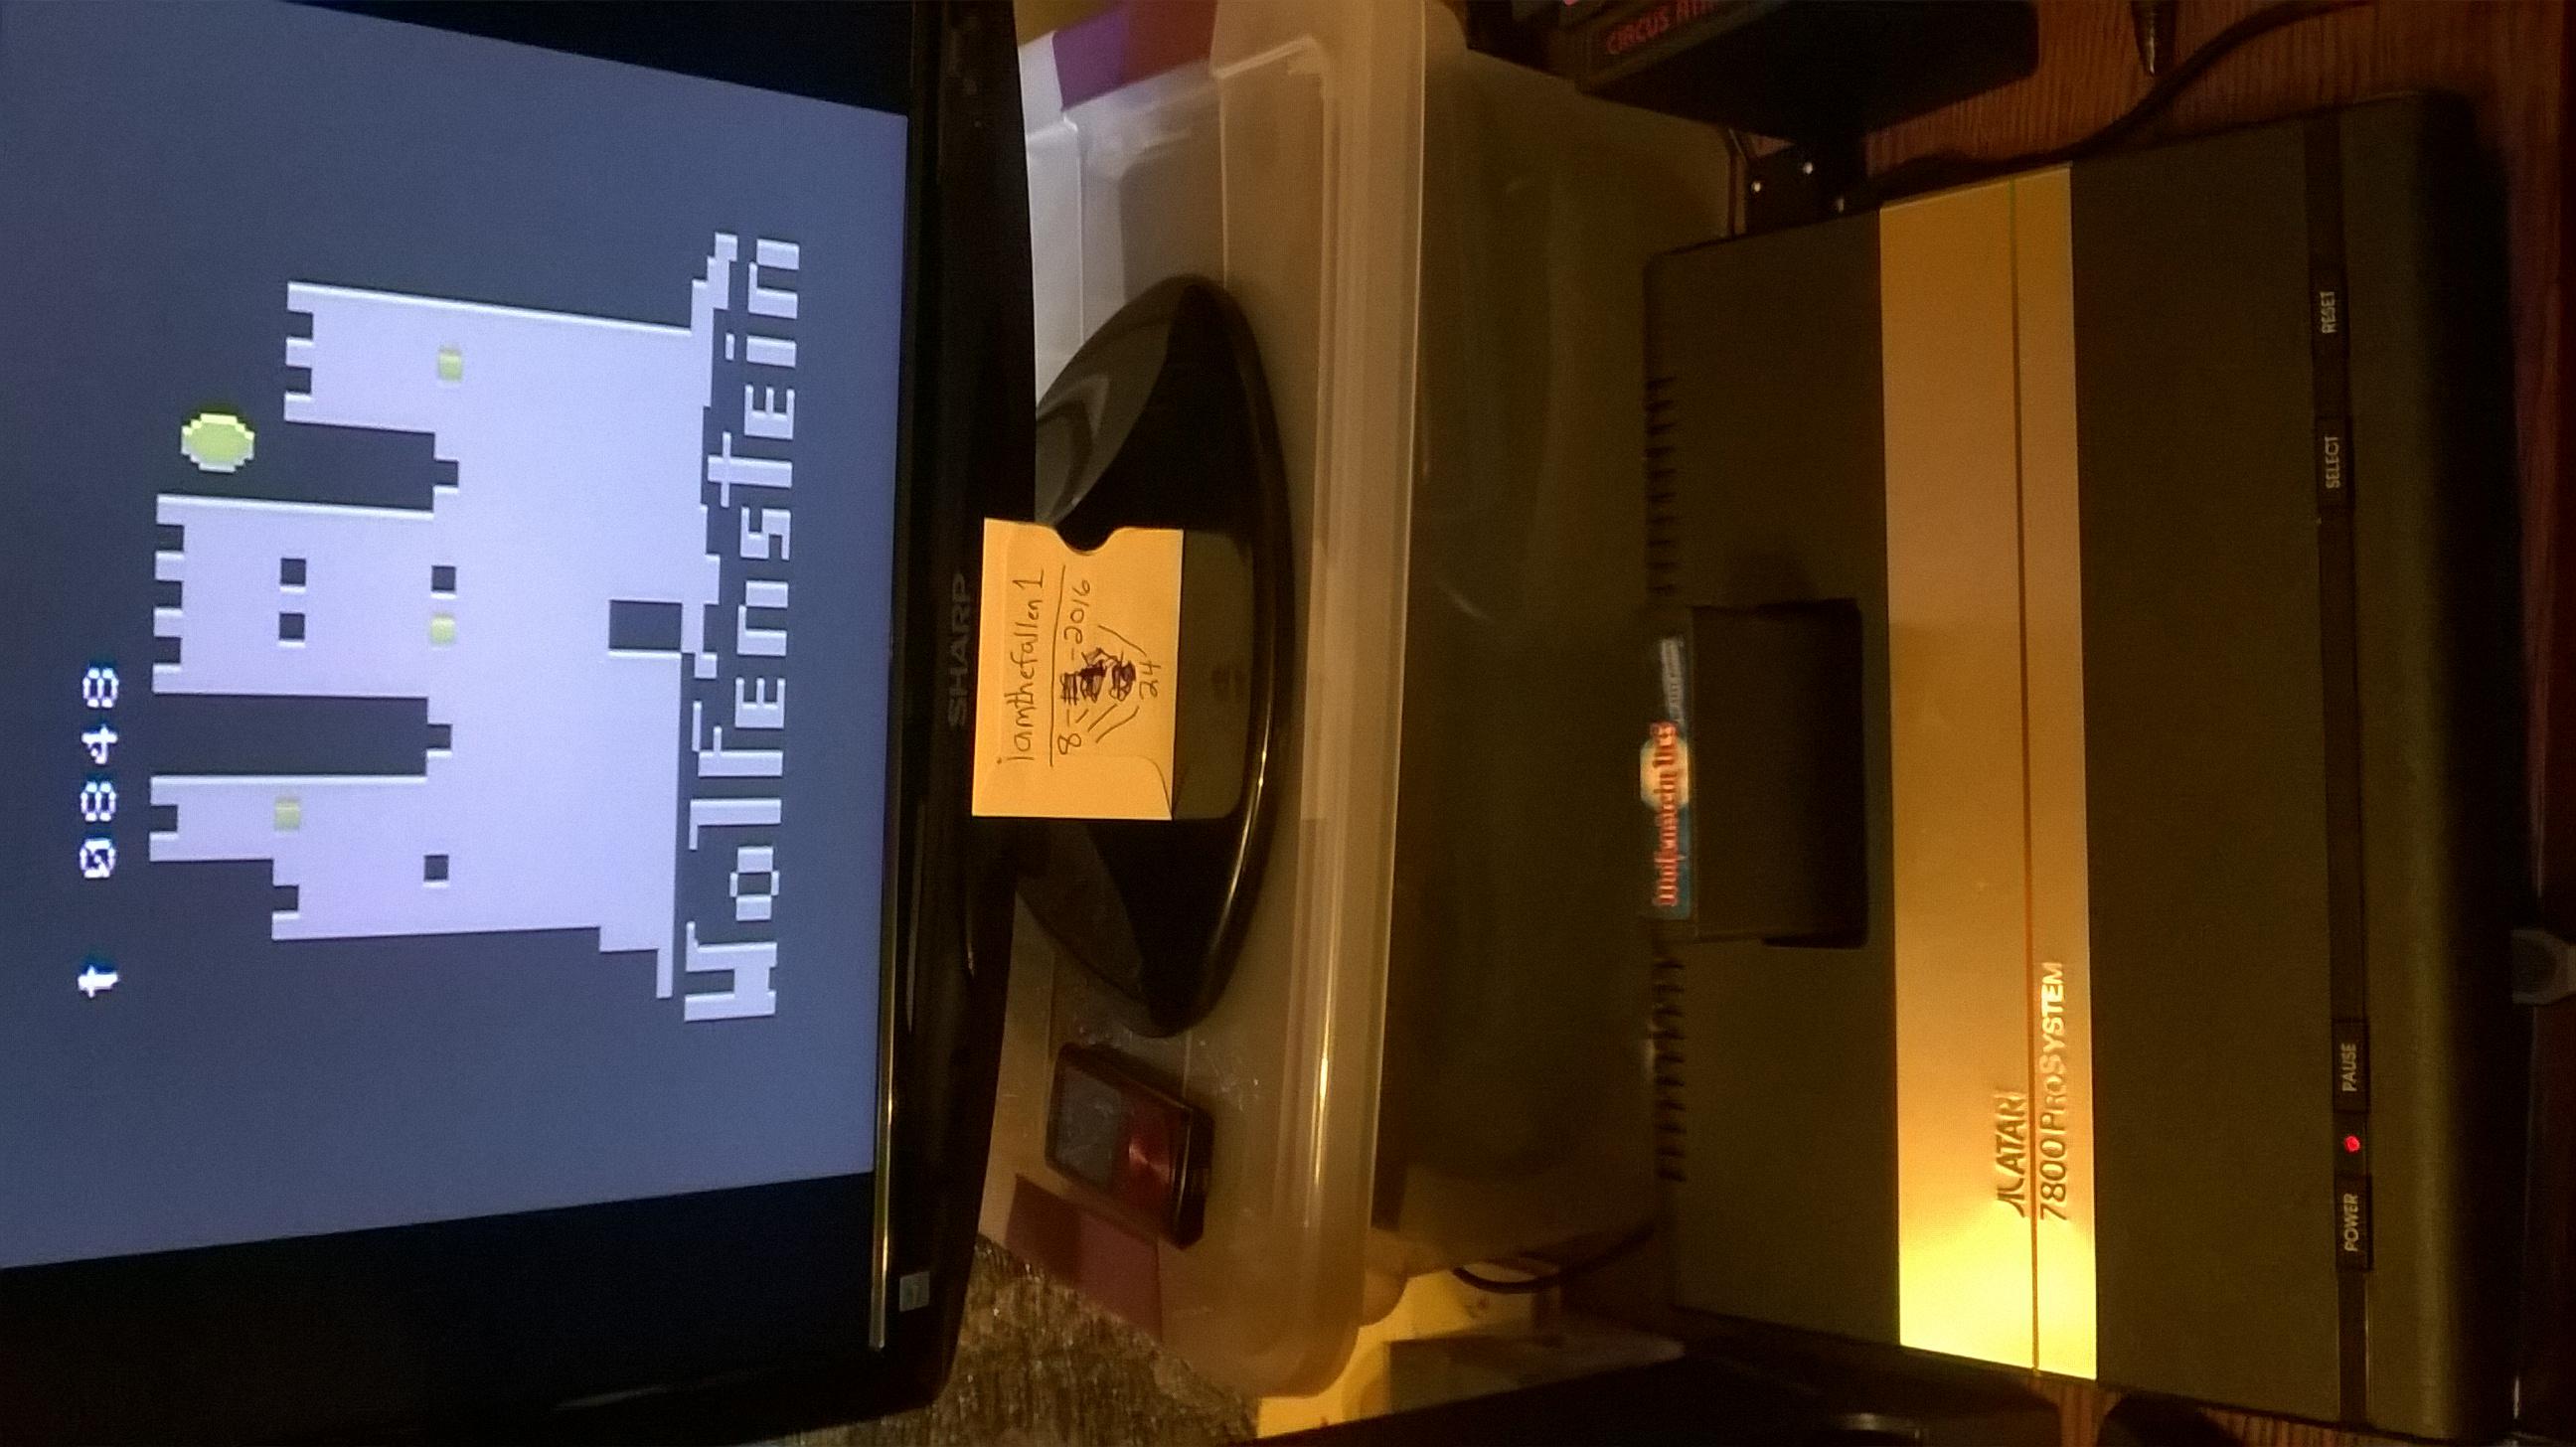 Wolfenstein VCS 848 points